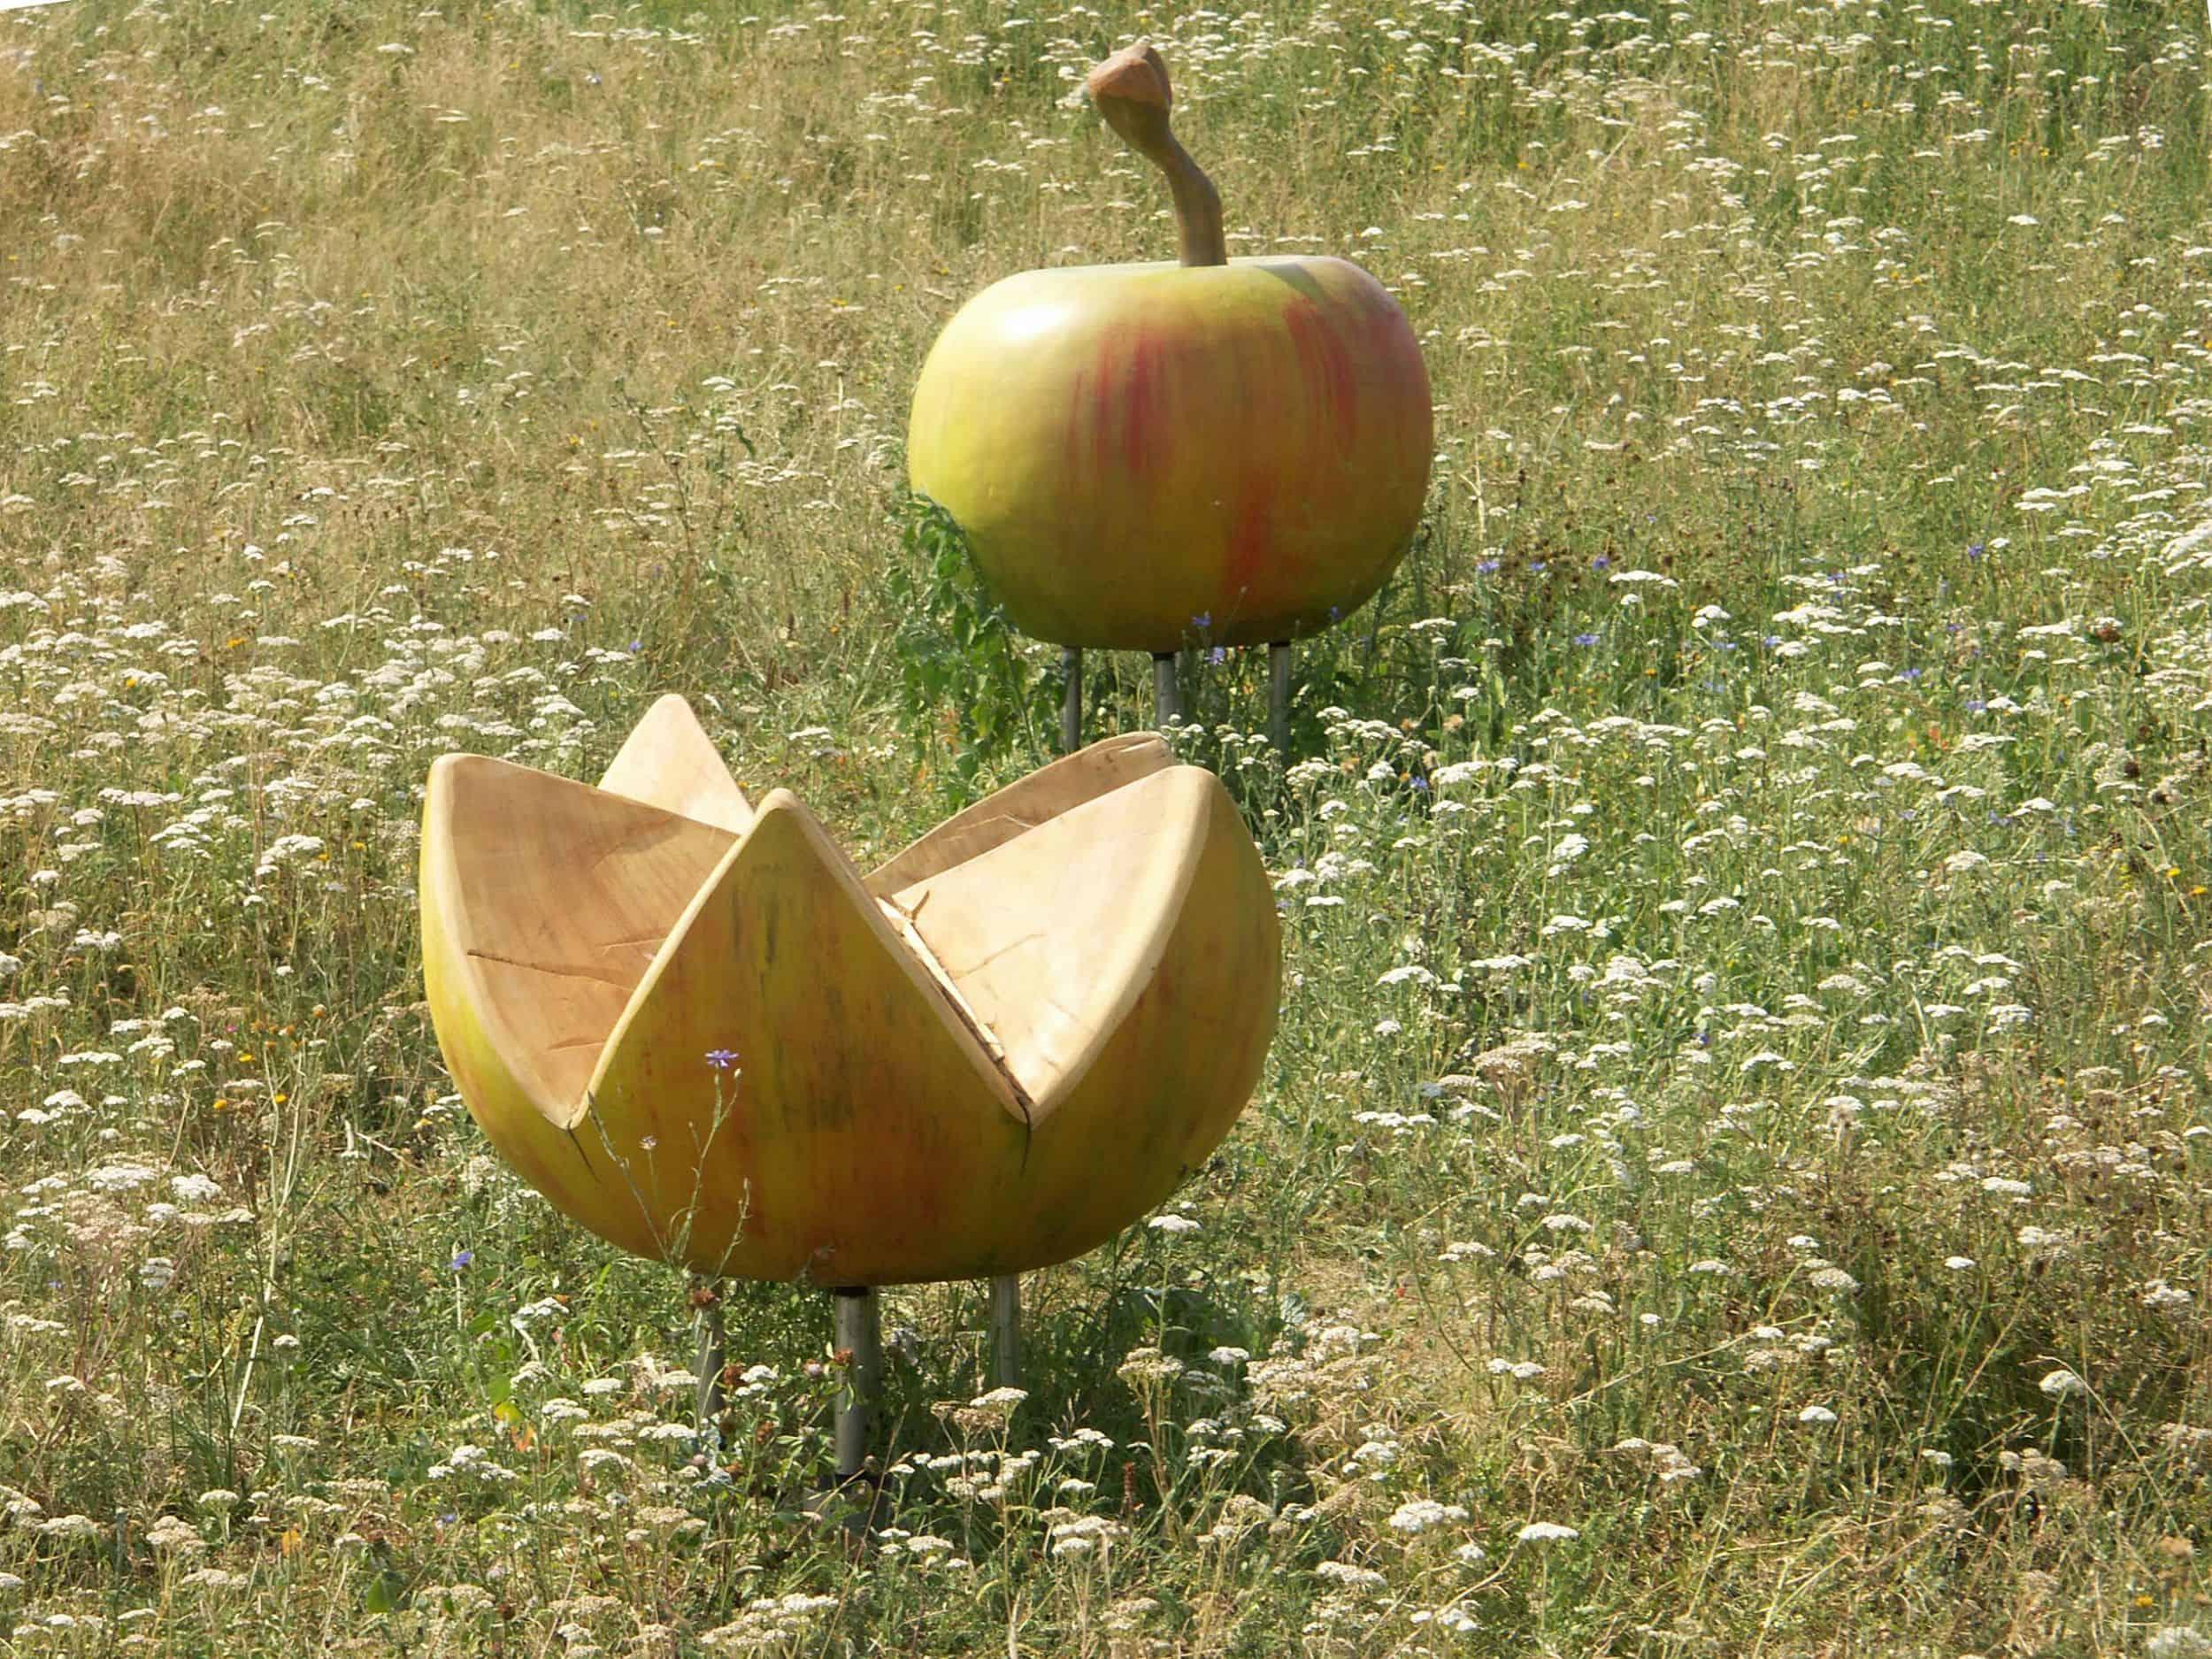 Foto: Spielgerät Wackelapfel in der Blumenwiese, Foto: ver.de landschaftsarchitektur